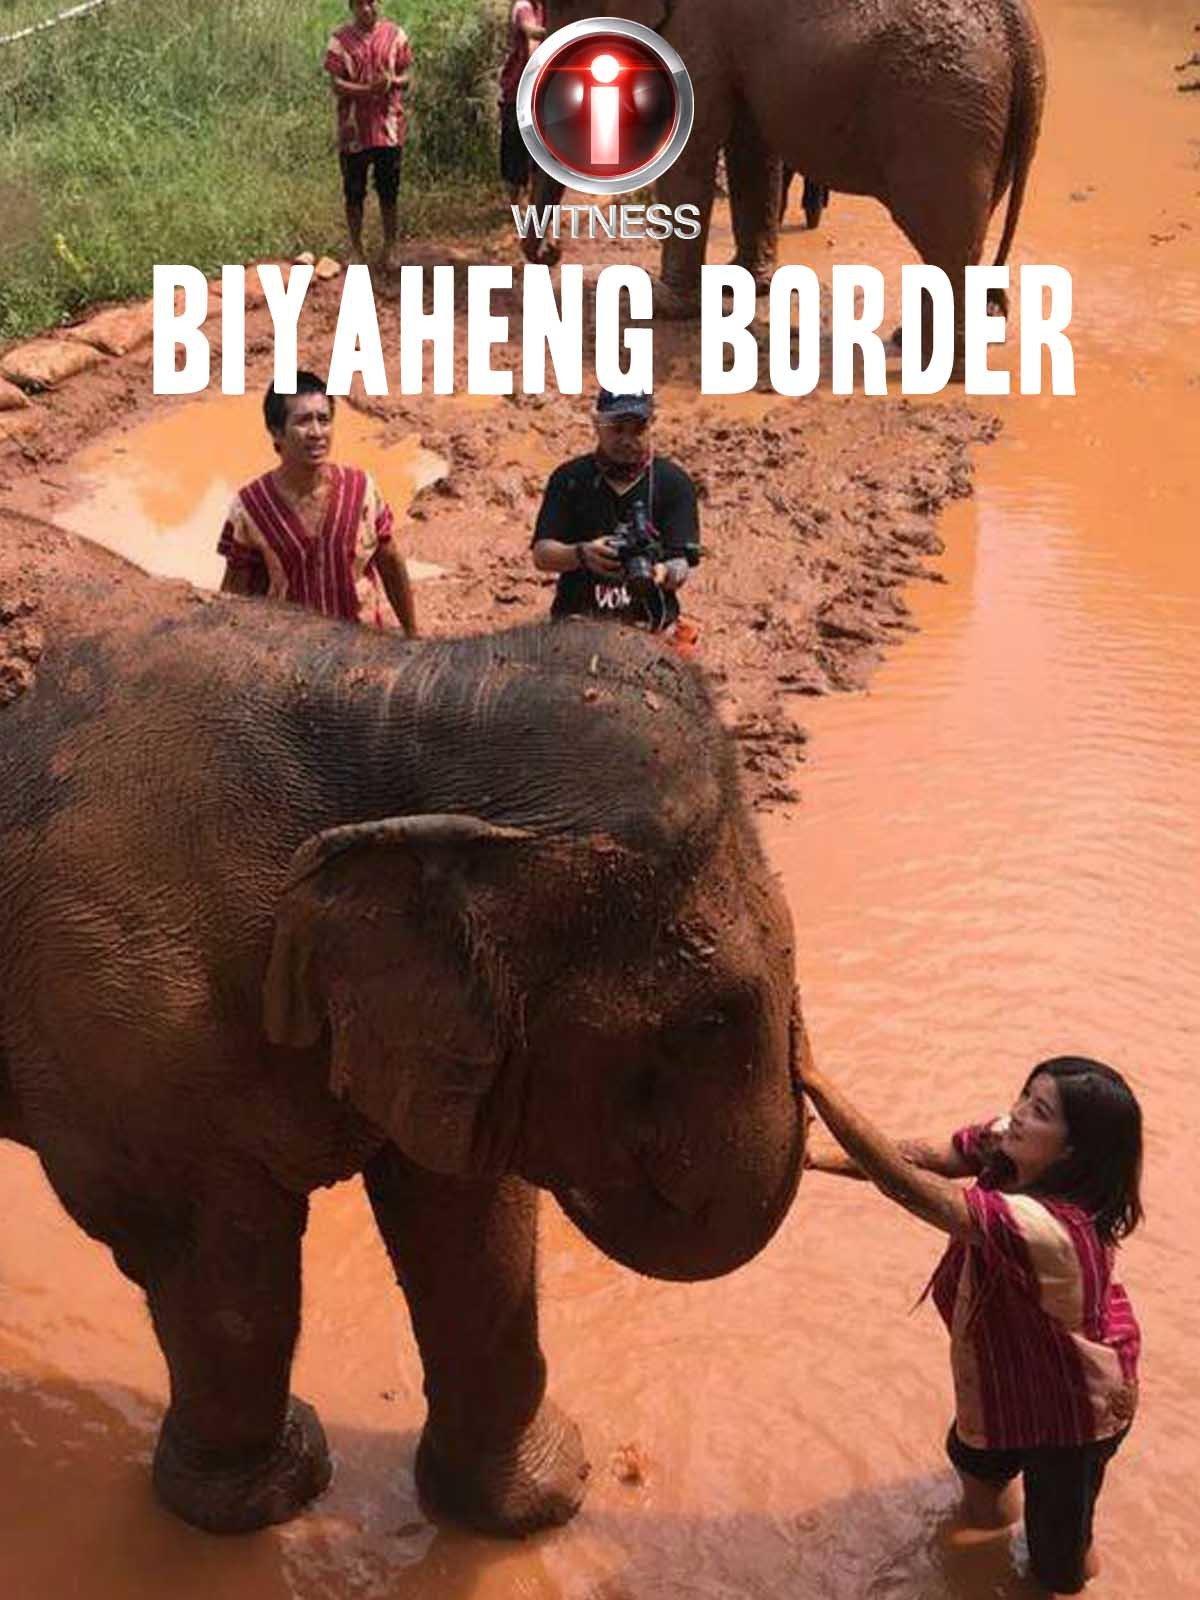 I-Witness Biyaheng Border